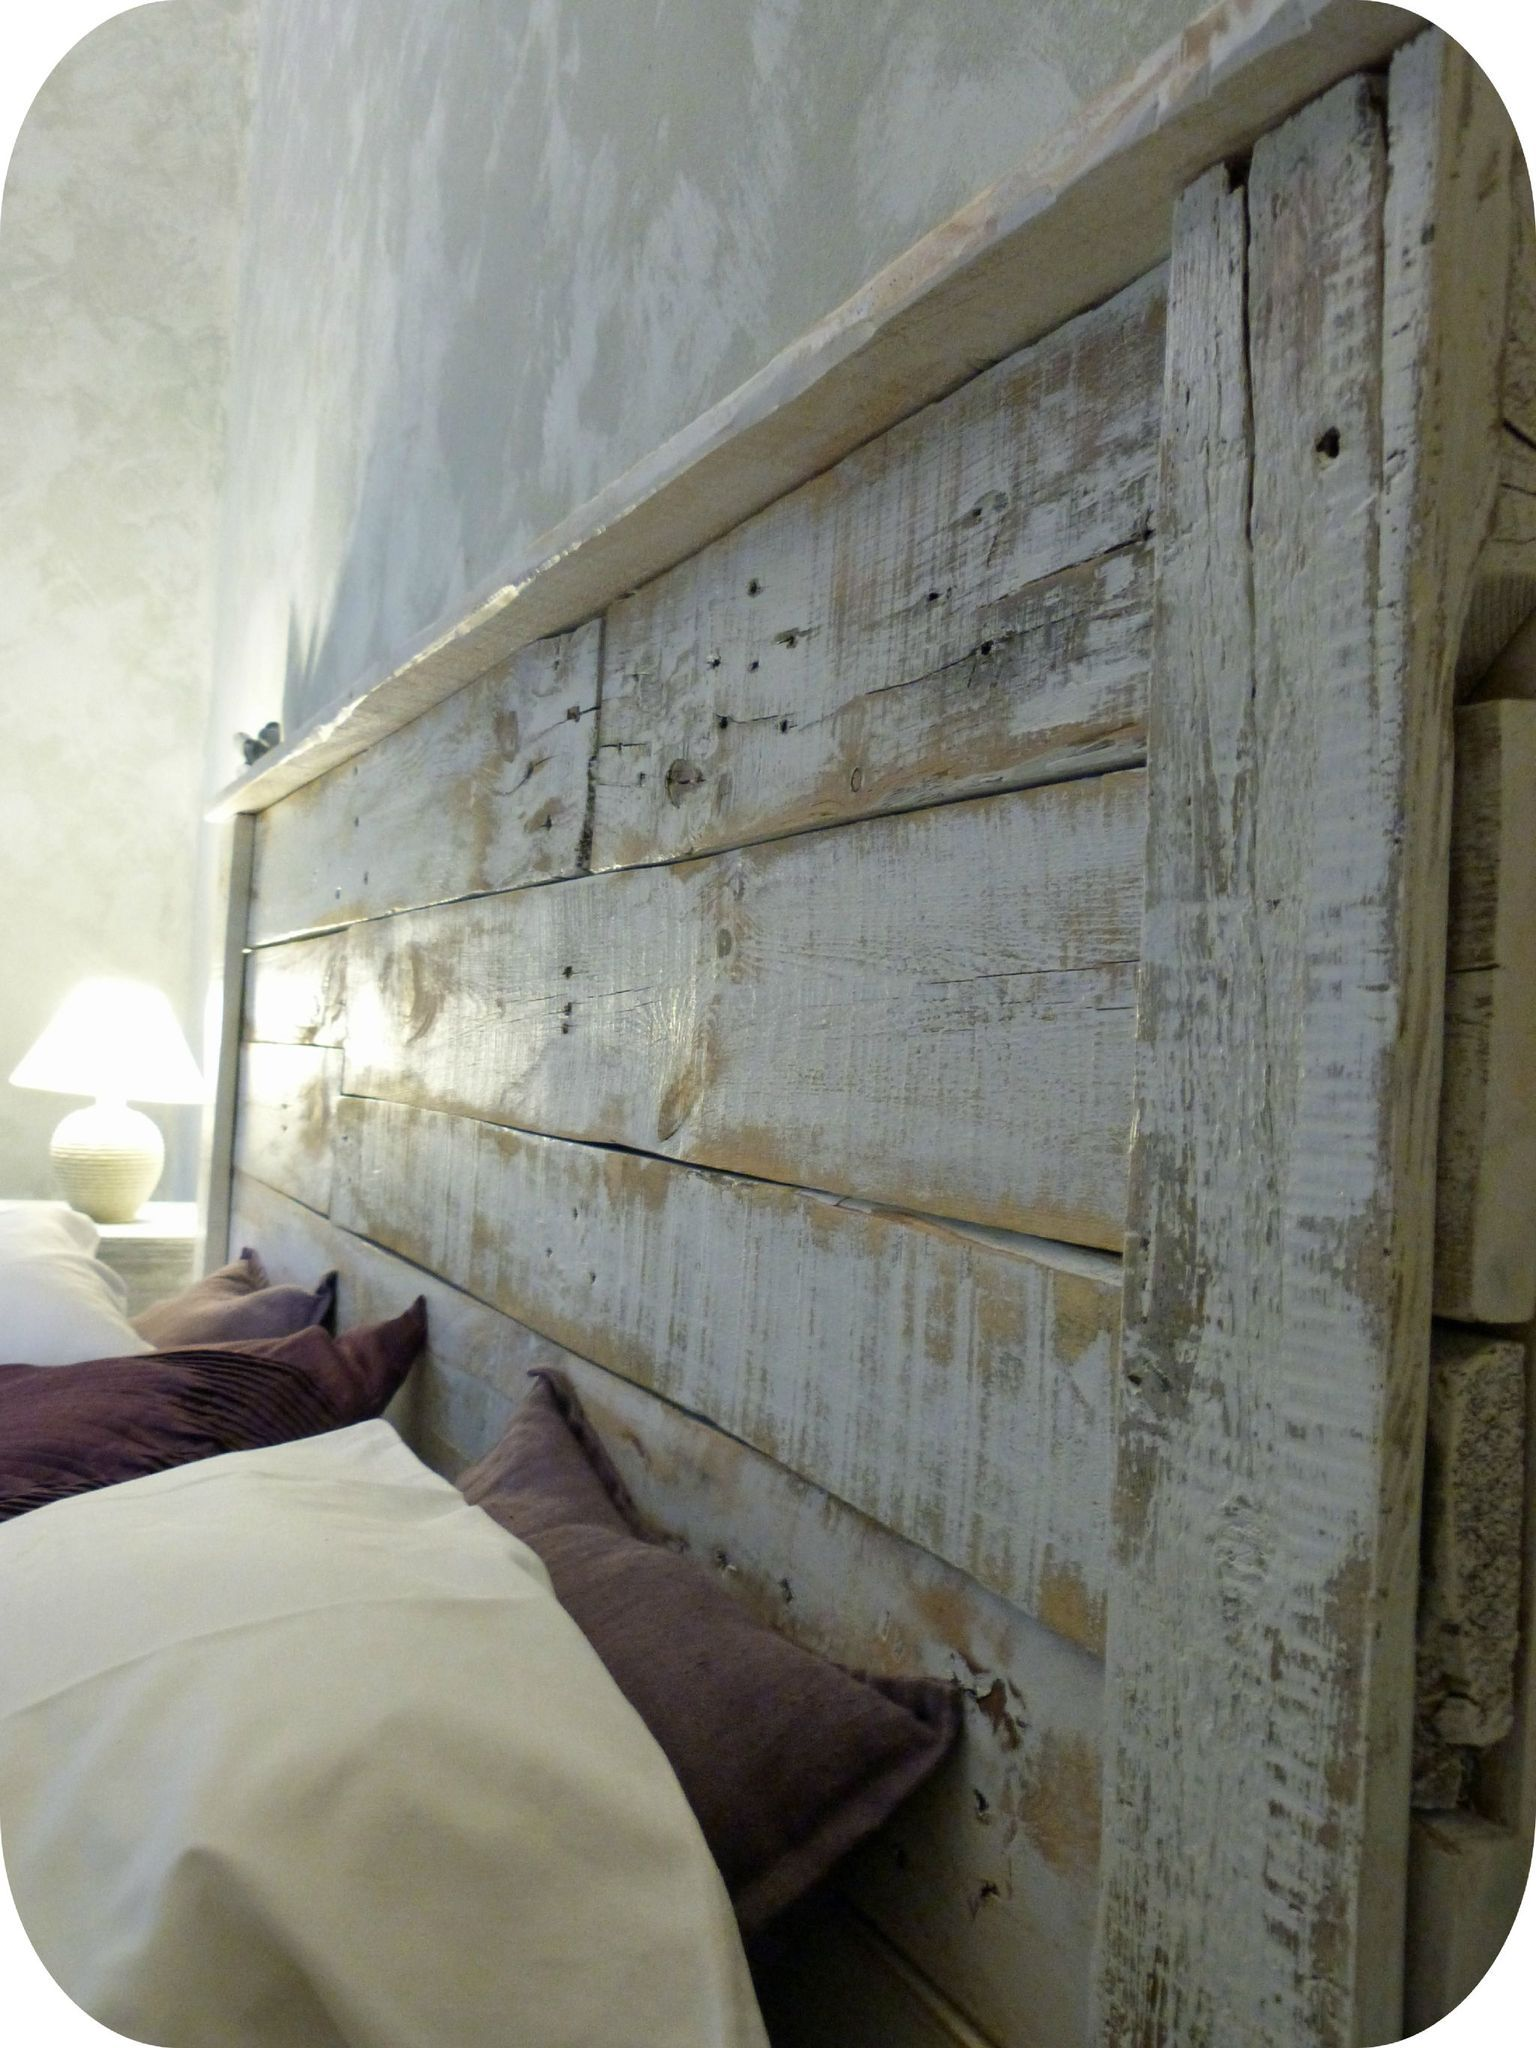 T te de lit en bois recycl madame ki tete de for Lit avec palette en bois